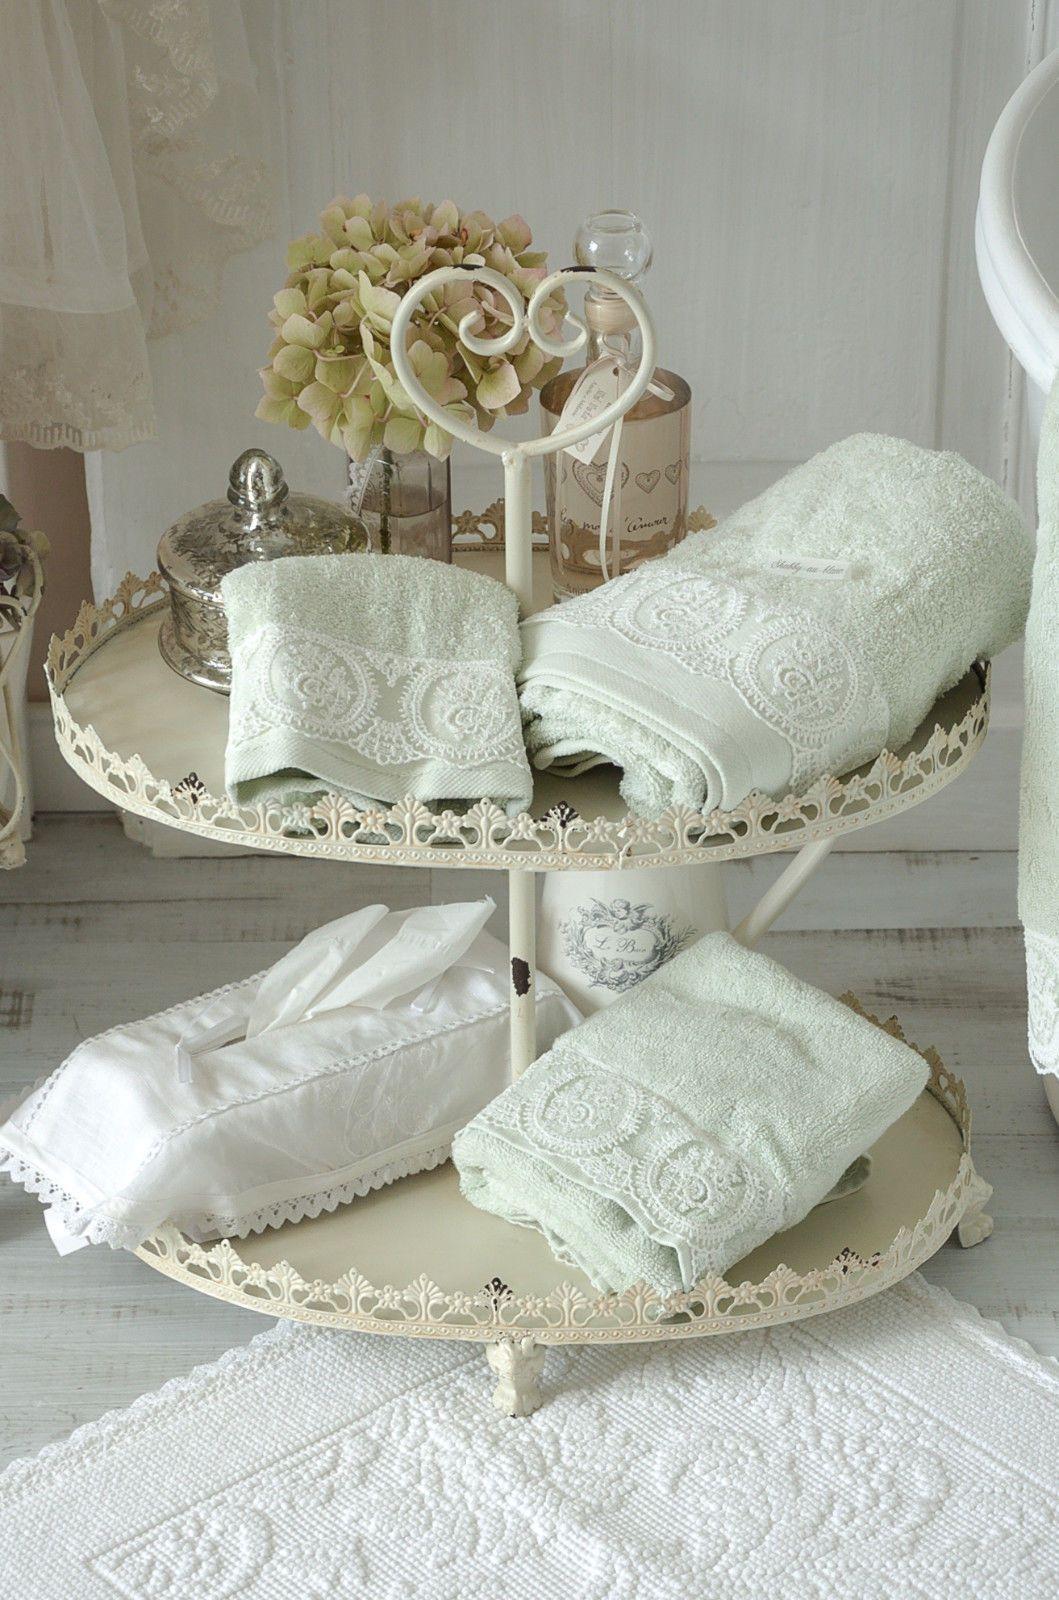 Badläufer Badteppich Offw gr Duschvorleger Badmatte